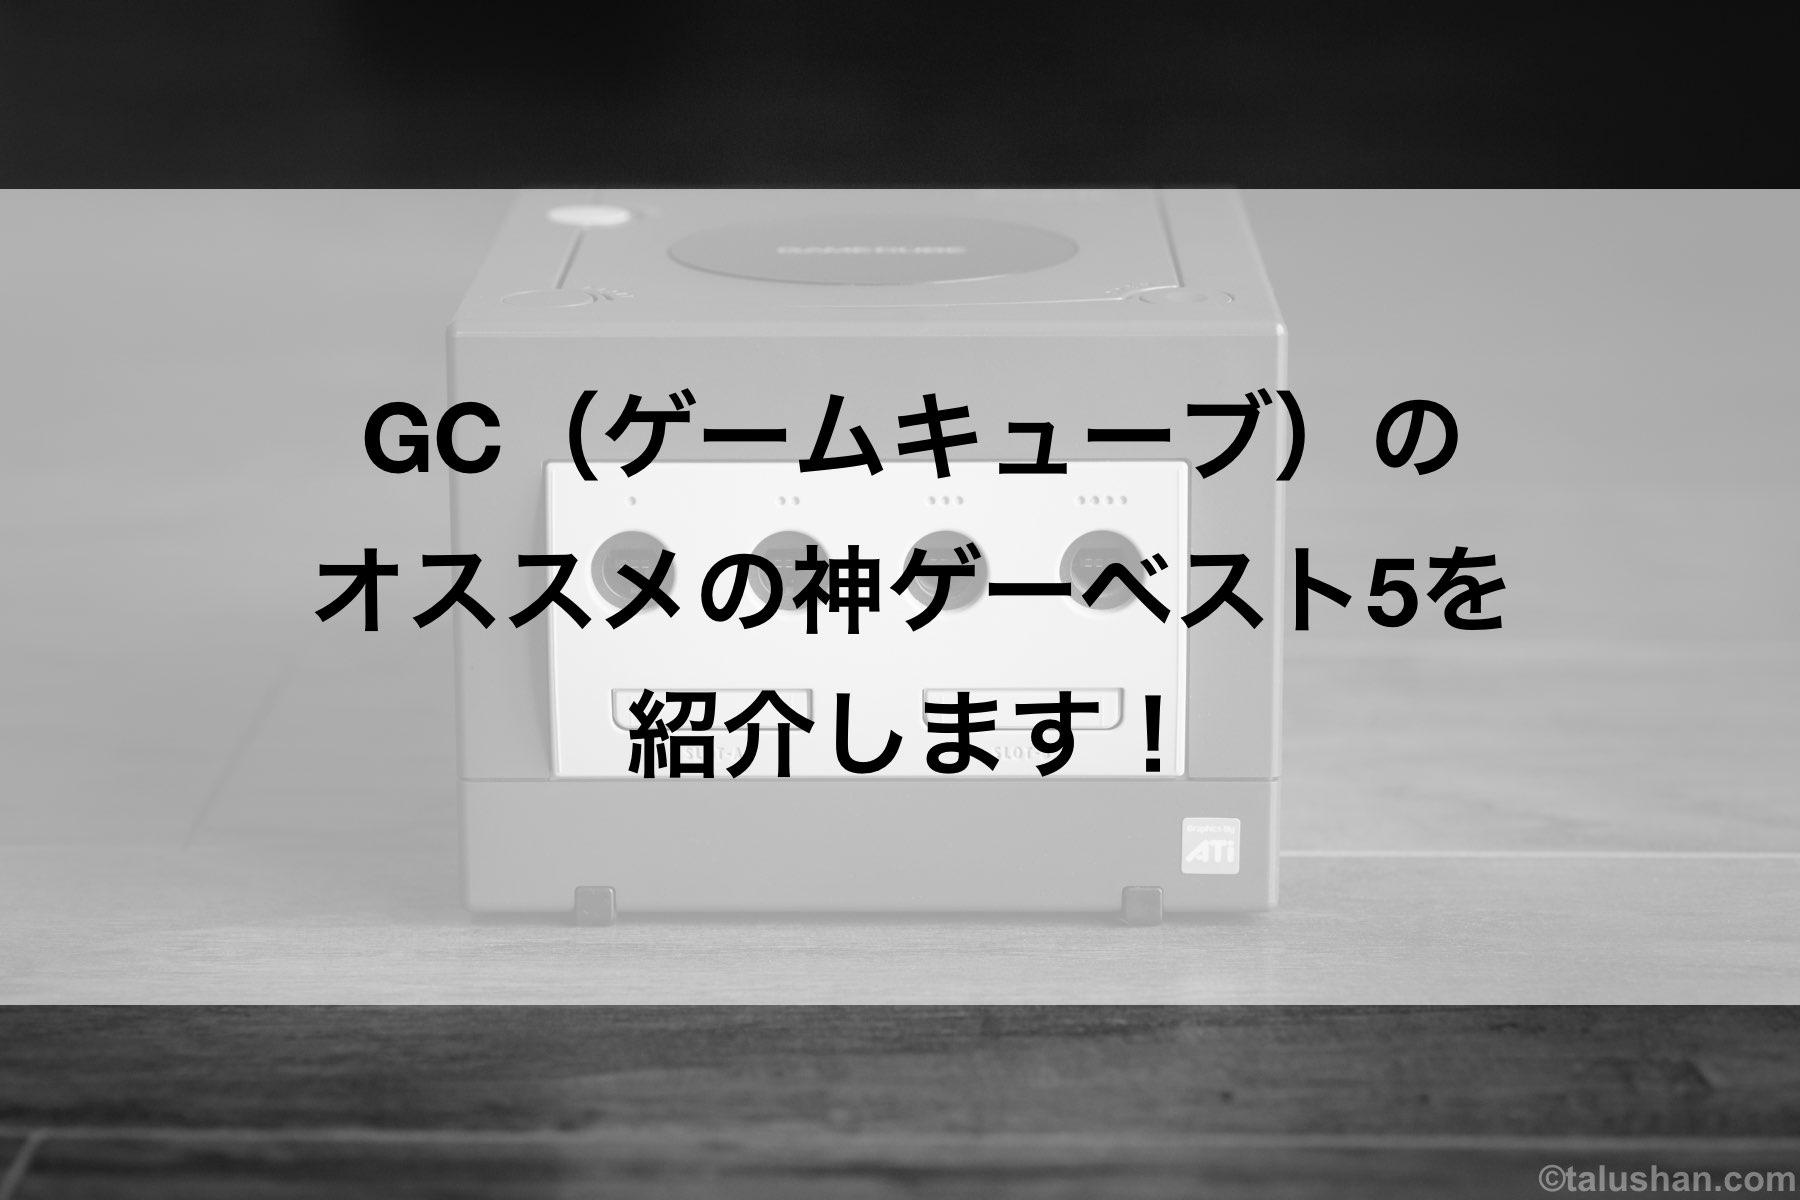 GC(ゲームキューブ)のオススメの神ゲーベスト5を紹介します!